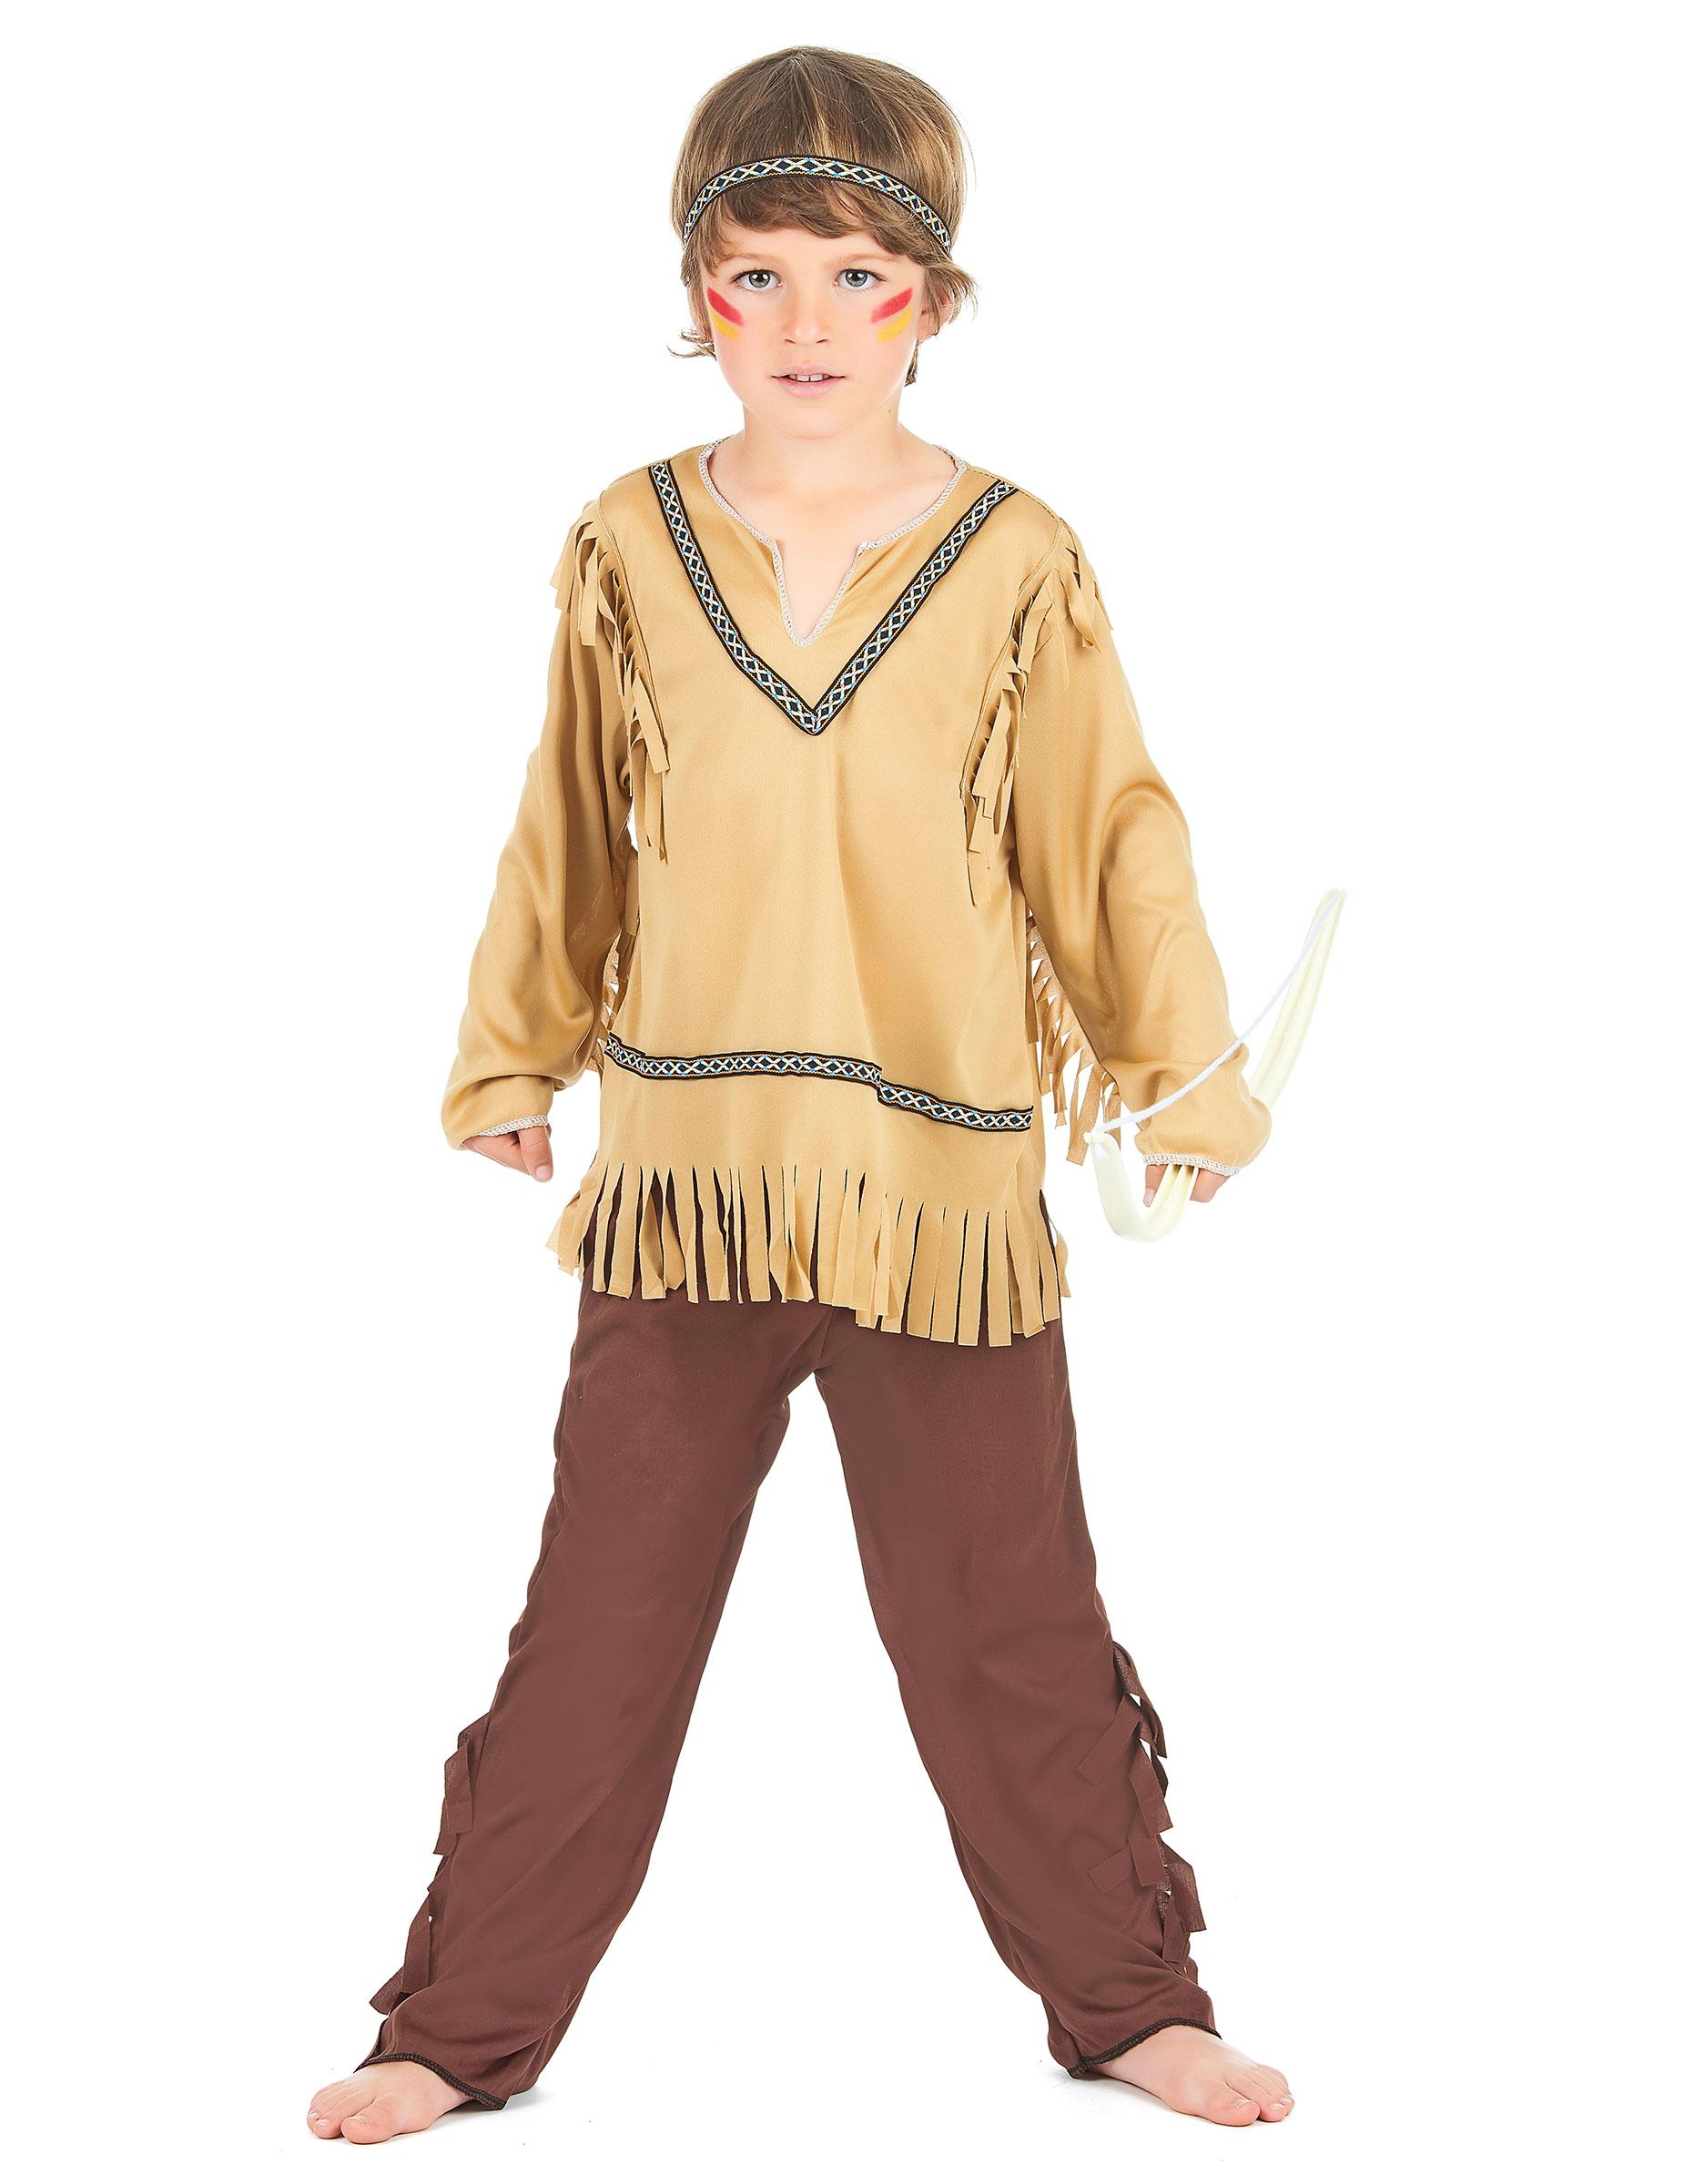 Como Hacer Disfraces Para Ninos De Indios - Hacer-disfraz-india